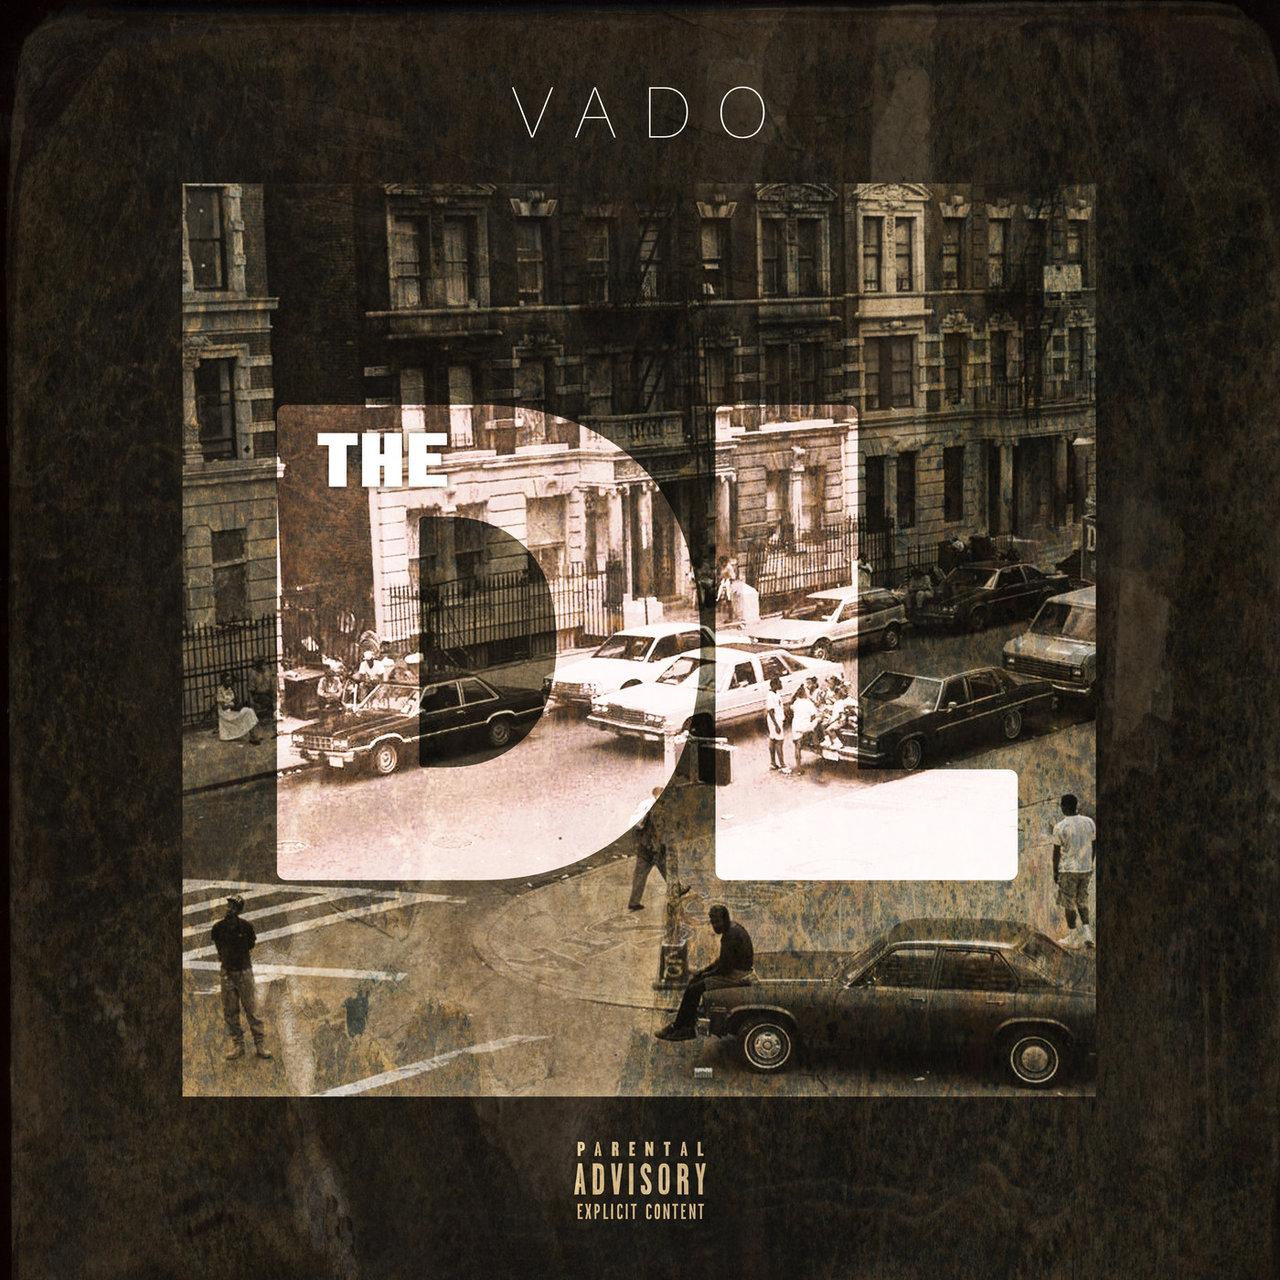 Vado - The DL